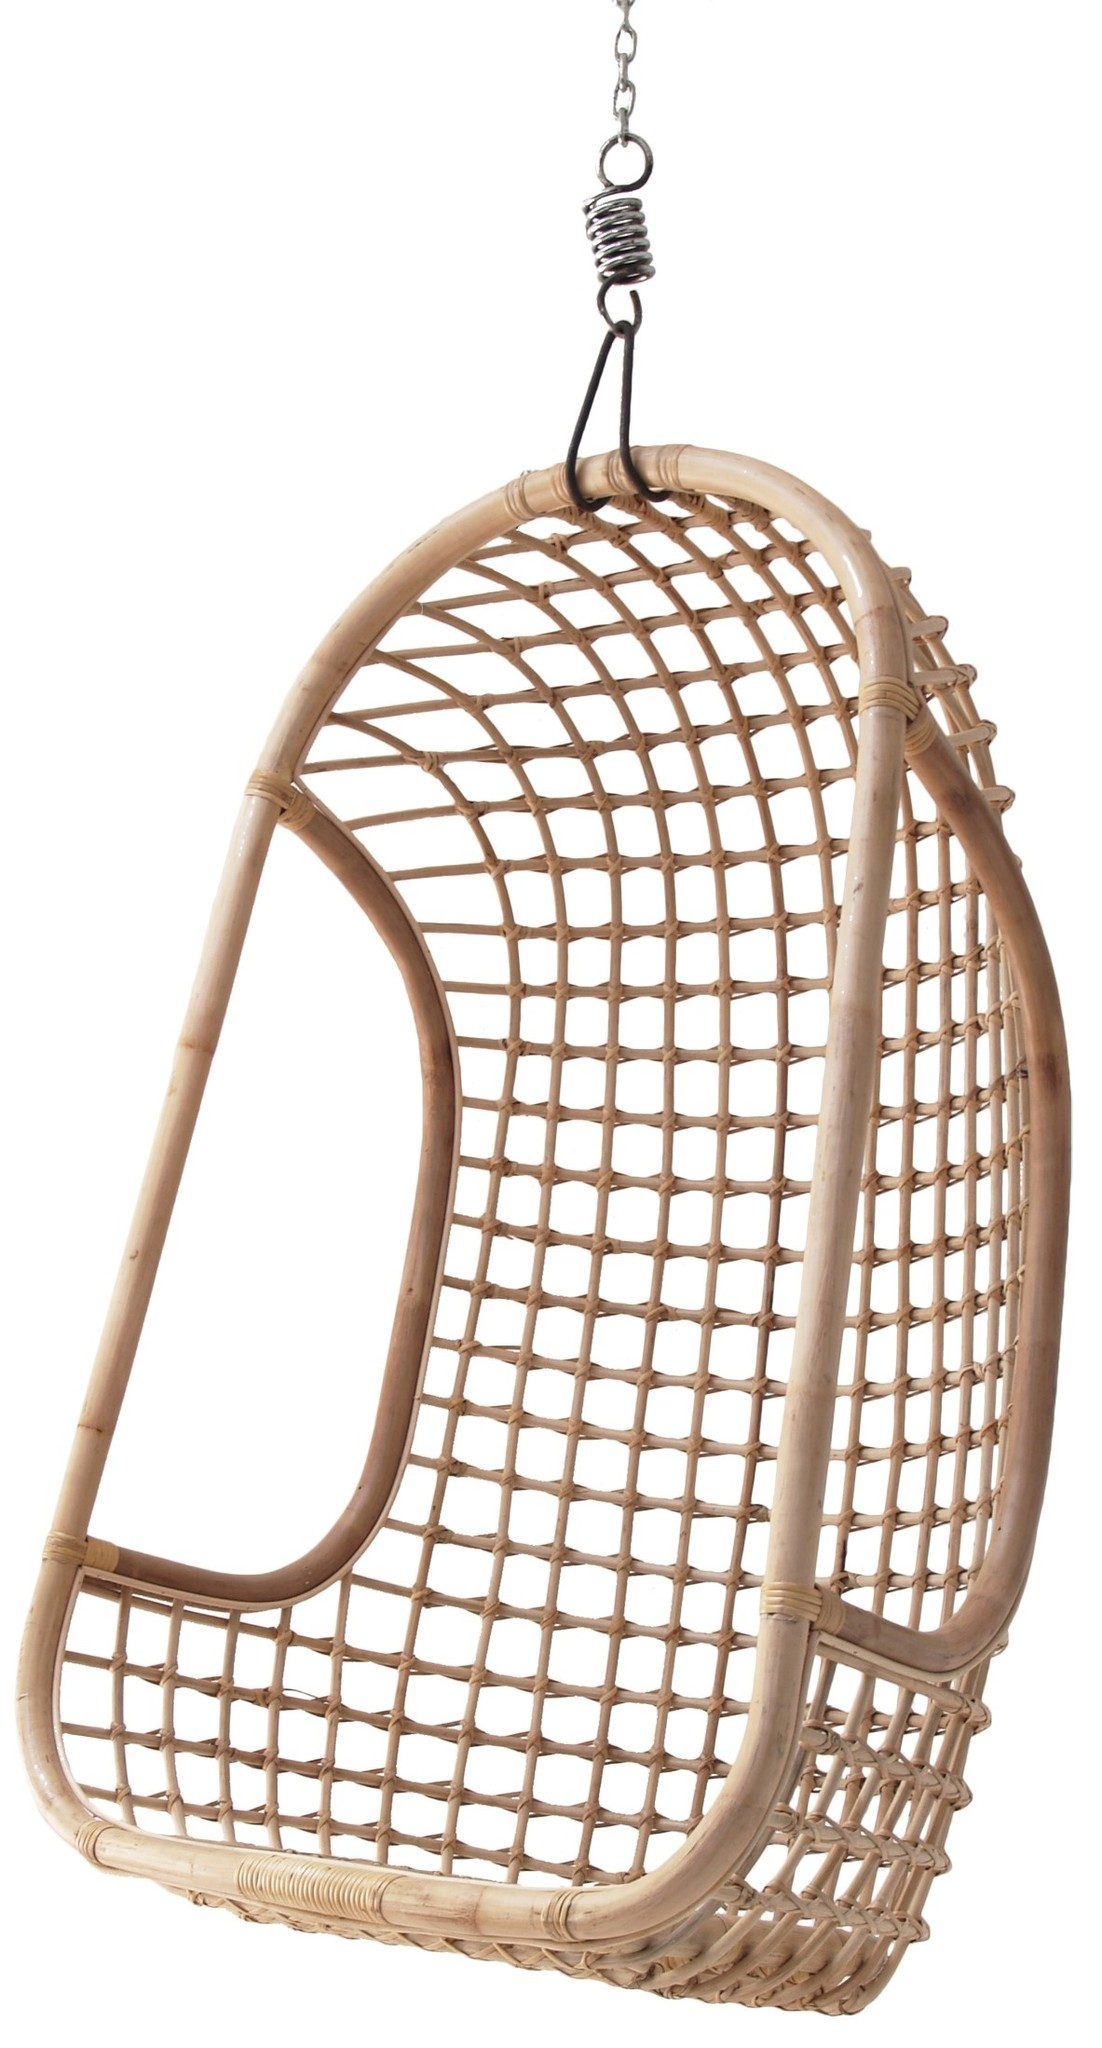 Hangstoel hanging rattan chair natural-1